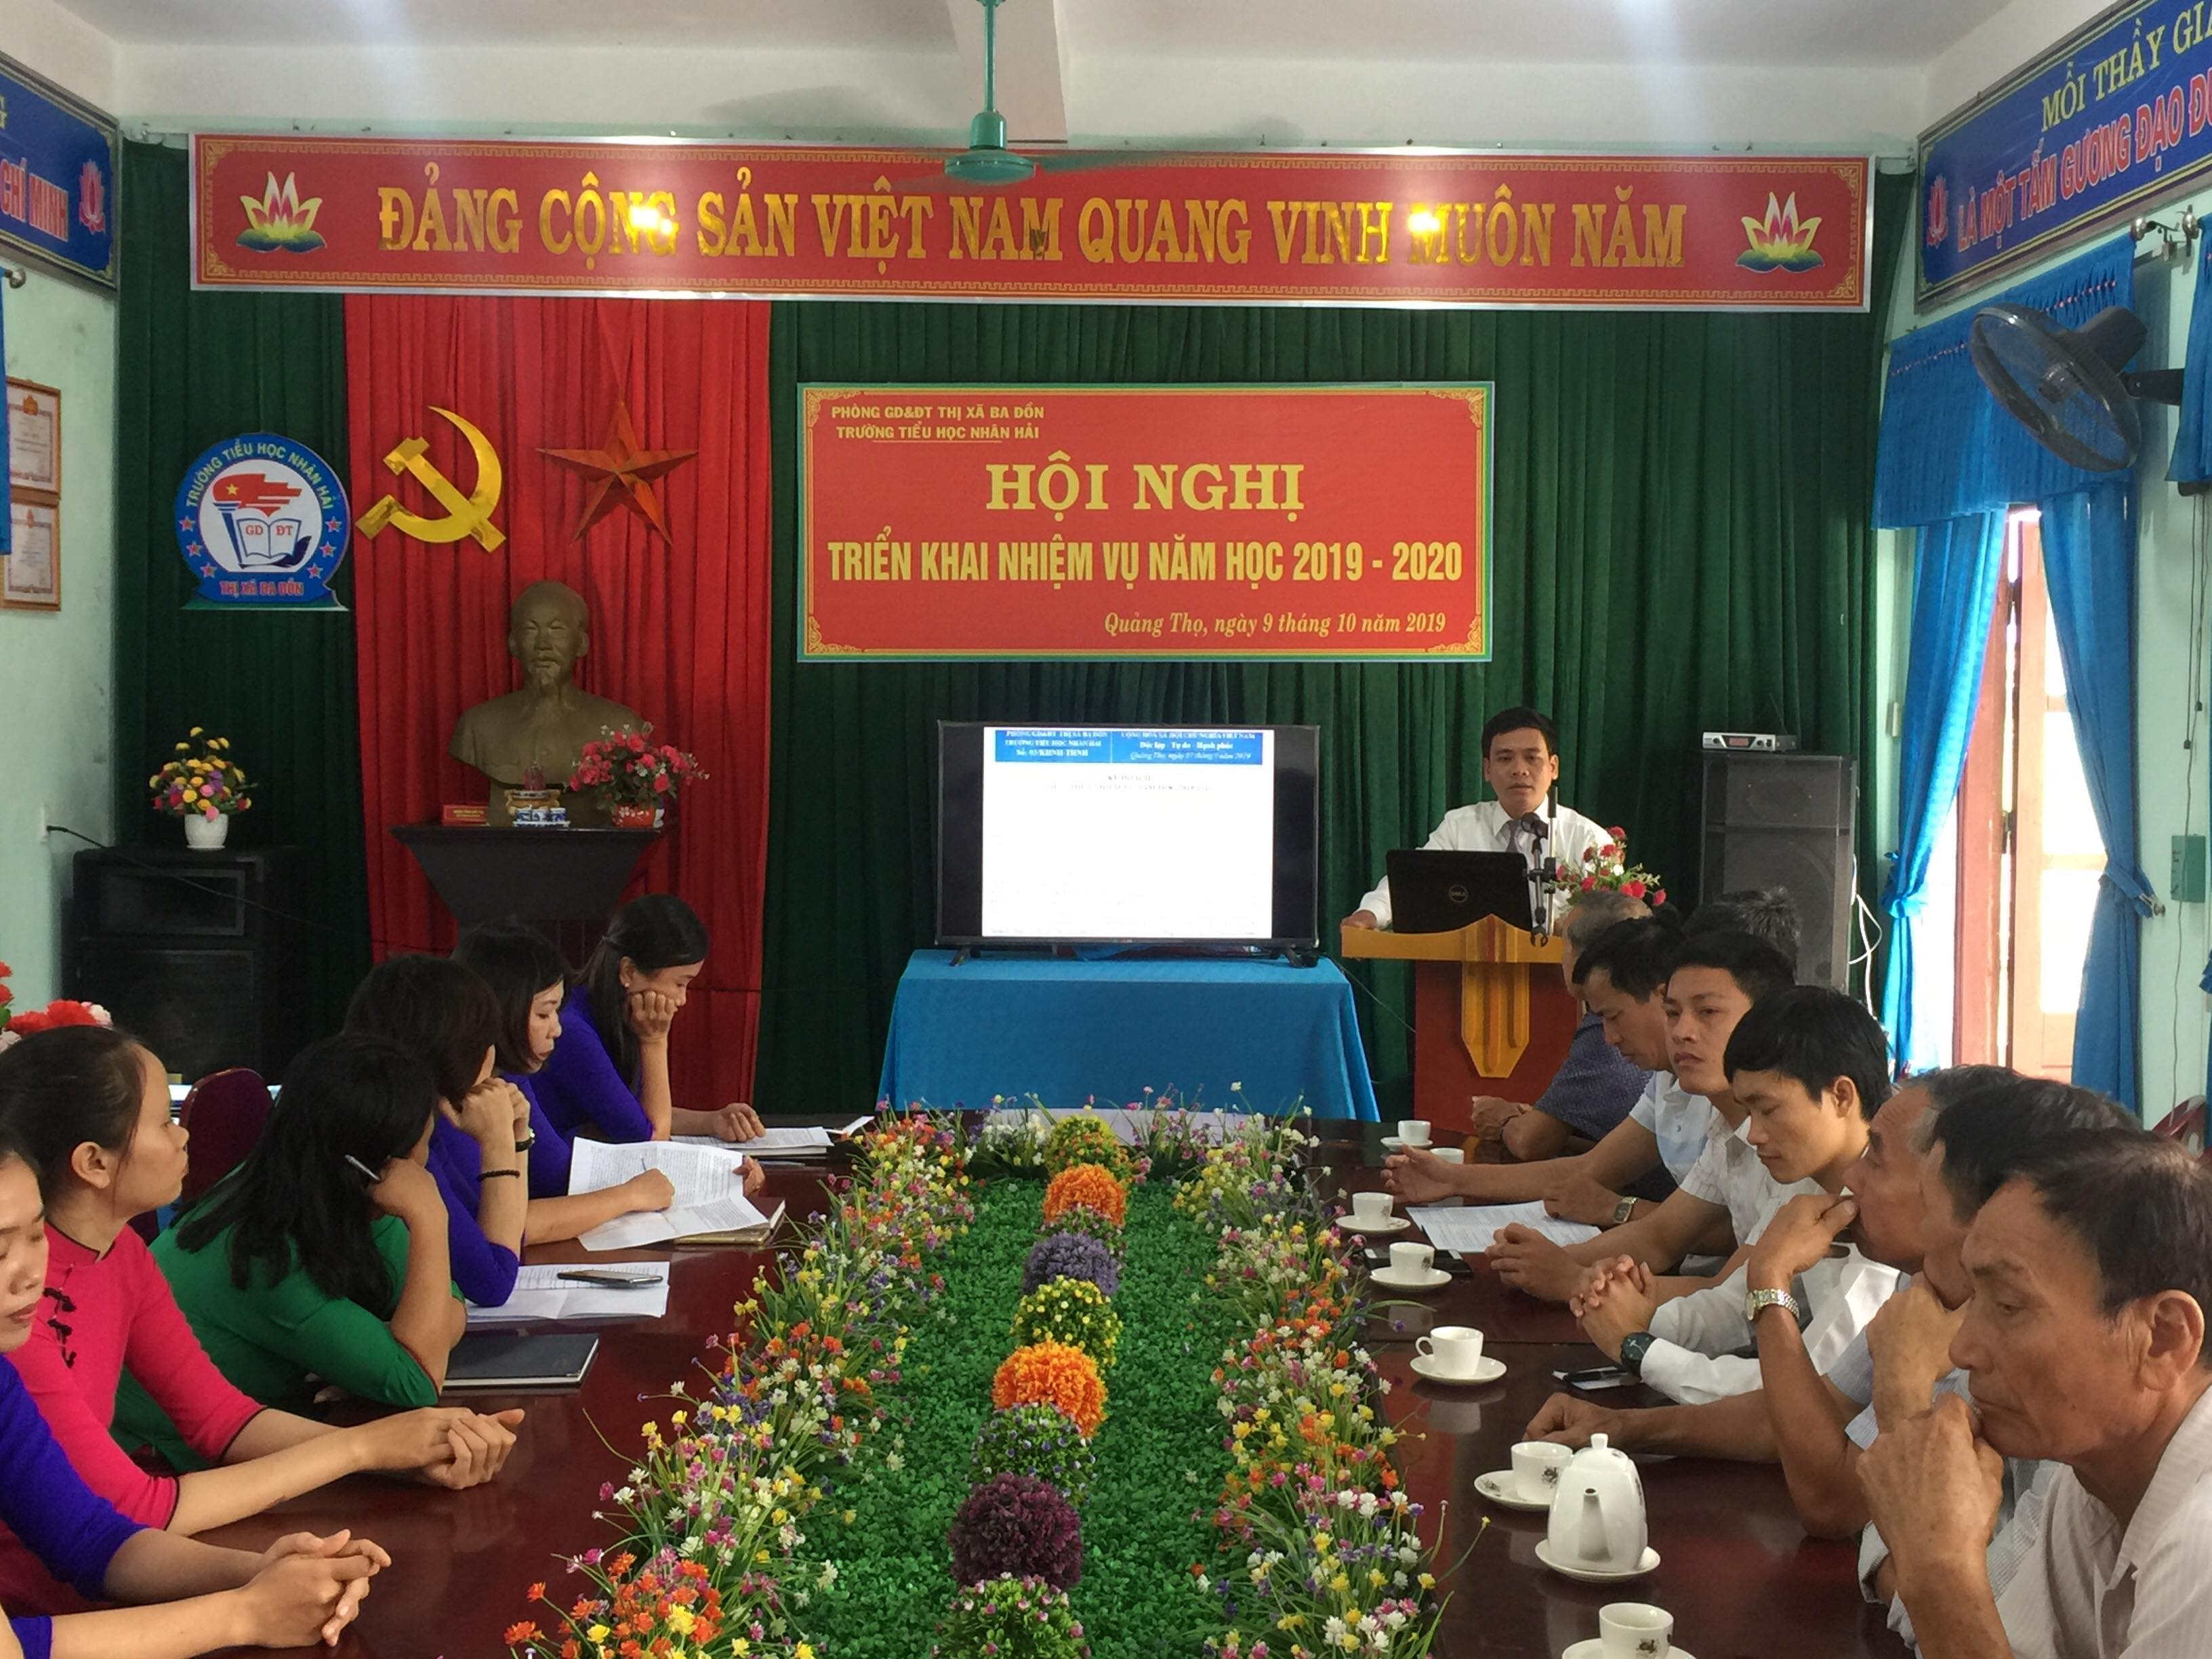 Hội nghị triển khai nhiệm vụ năm học 2019-2020